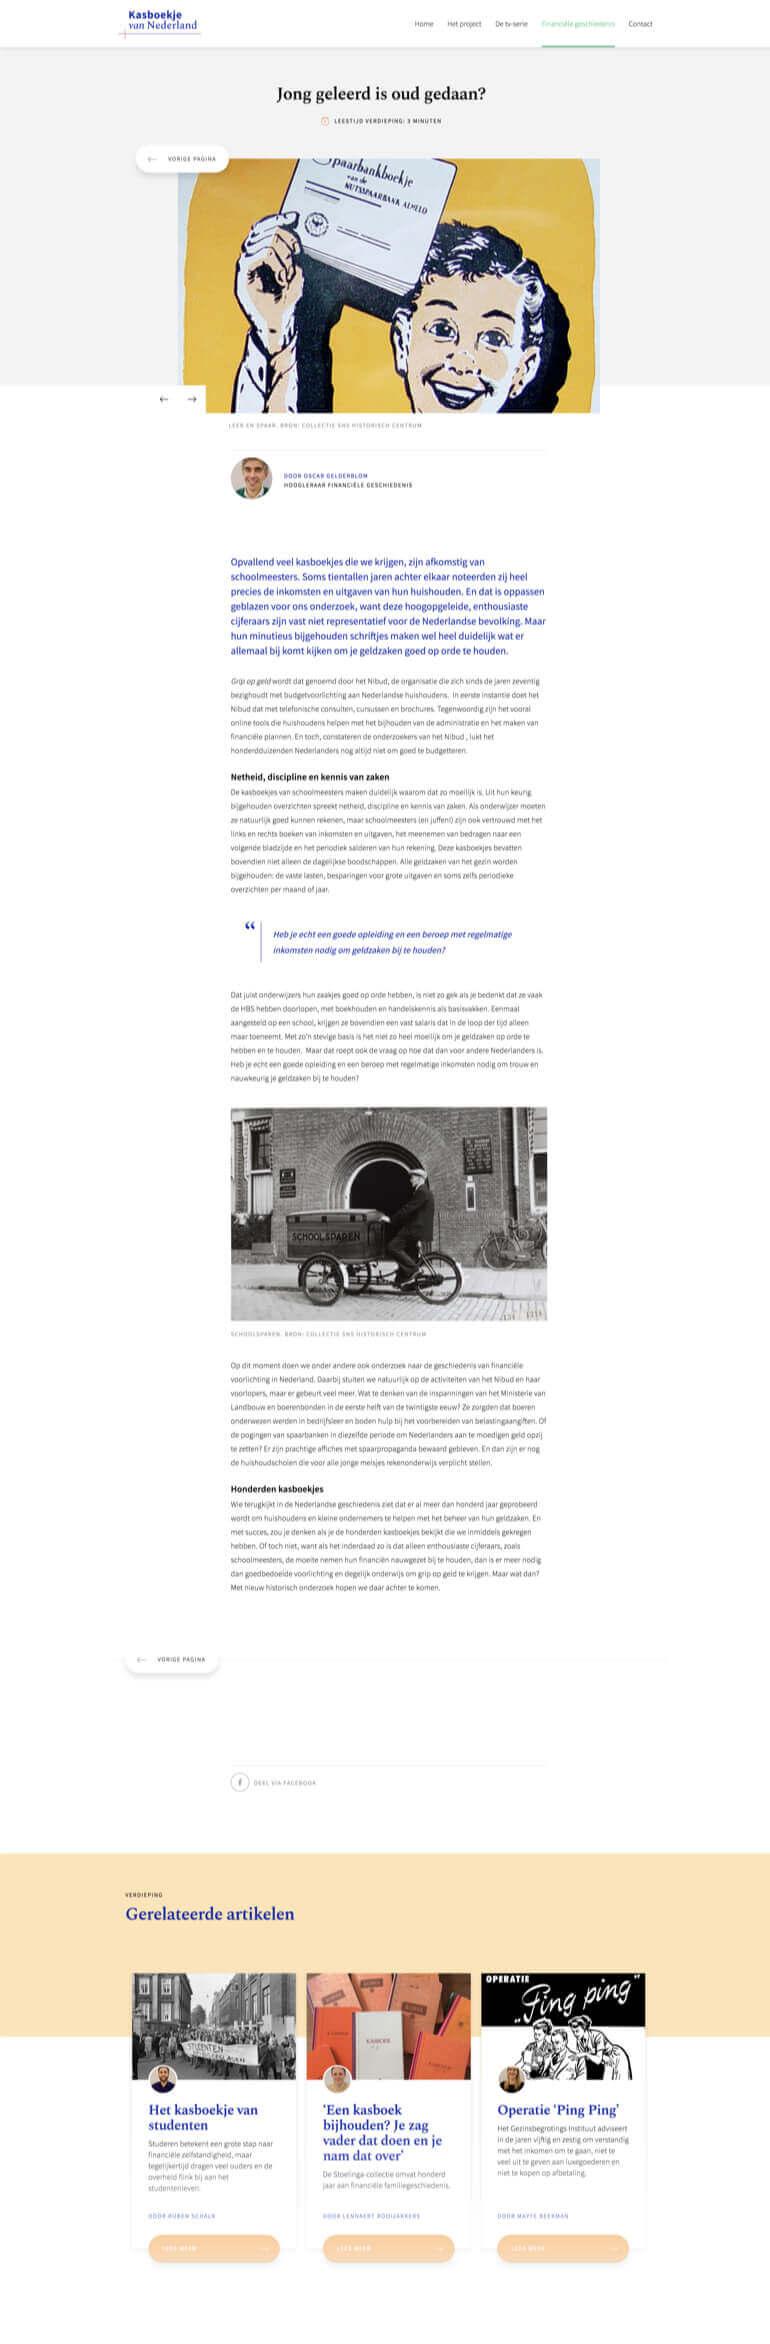 Kasboekje van Nederland article or news page